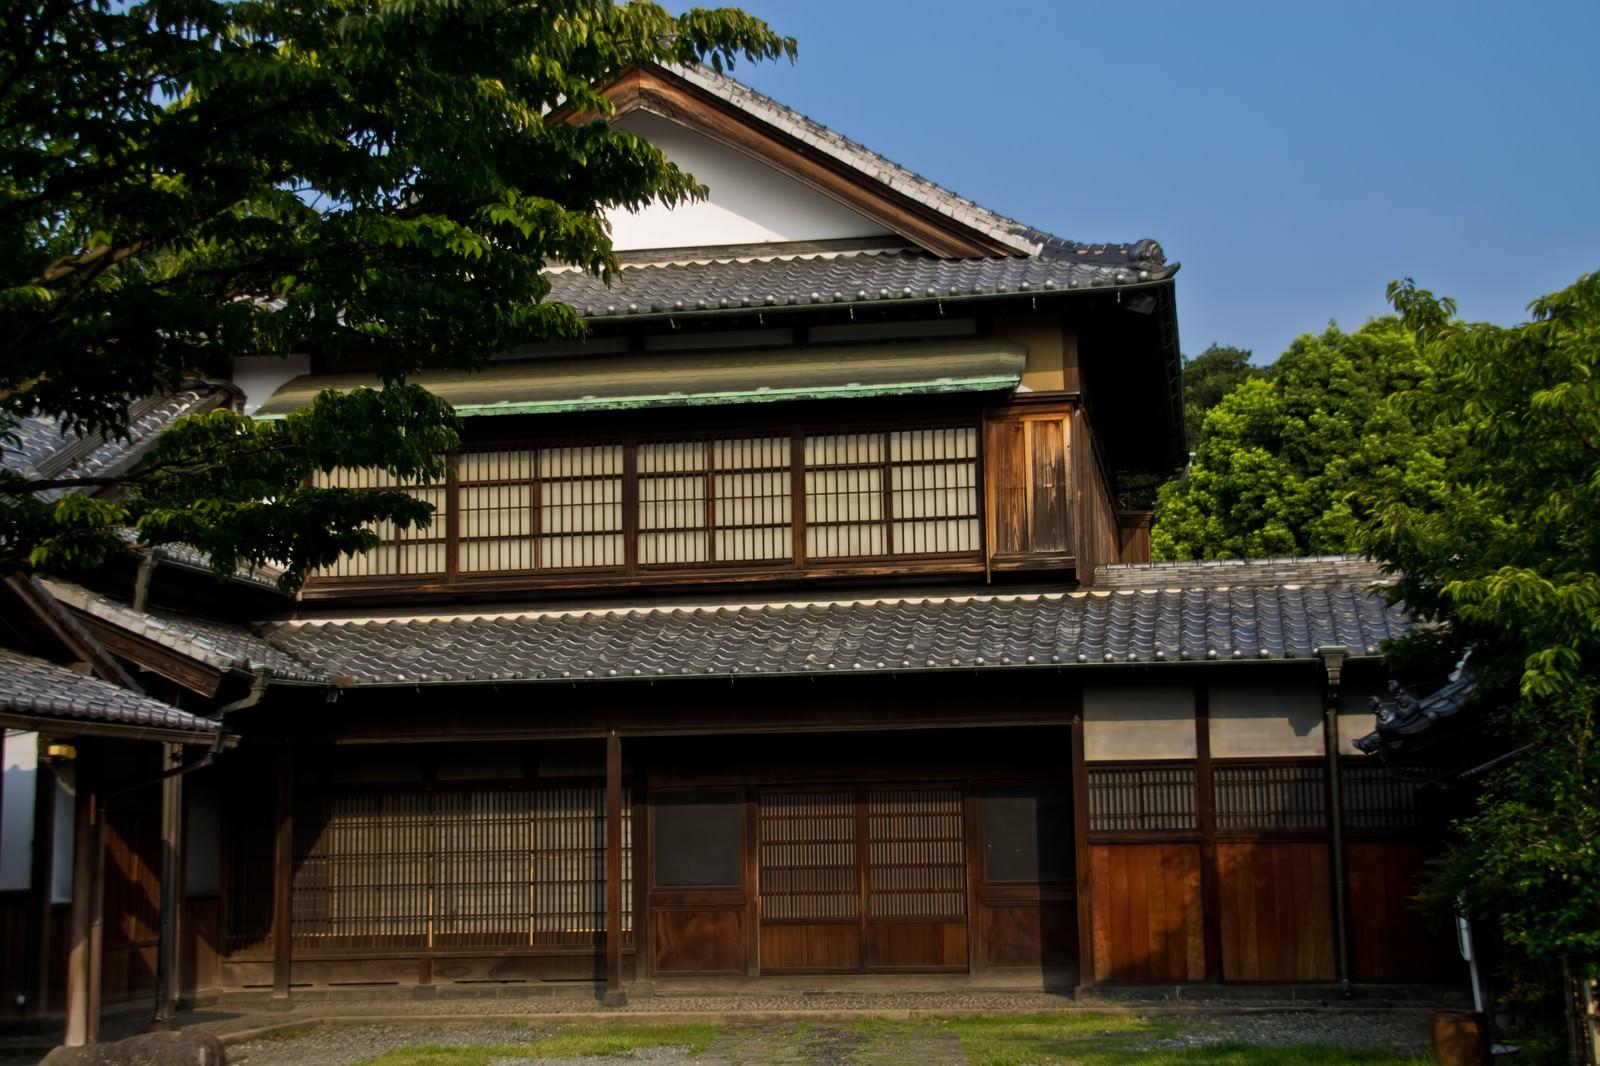 「古いお屋敷」の写真